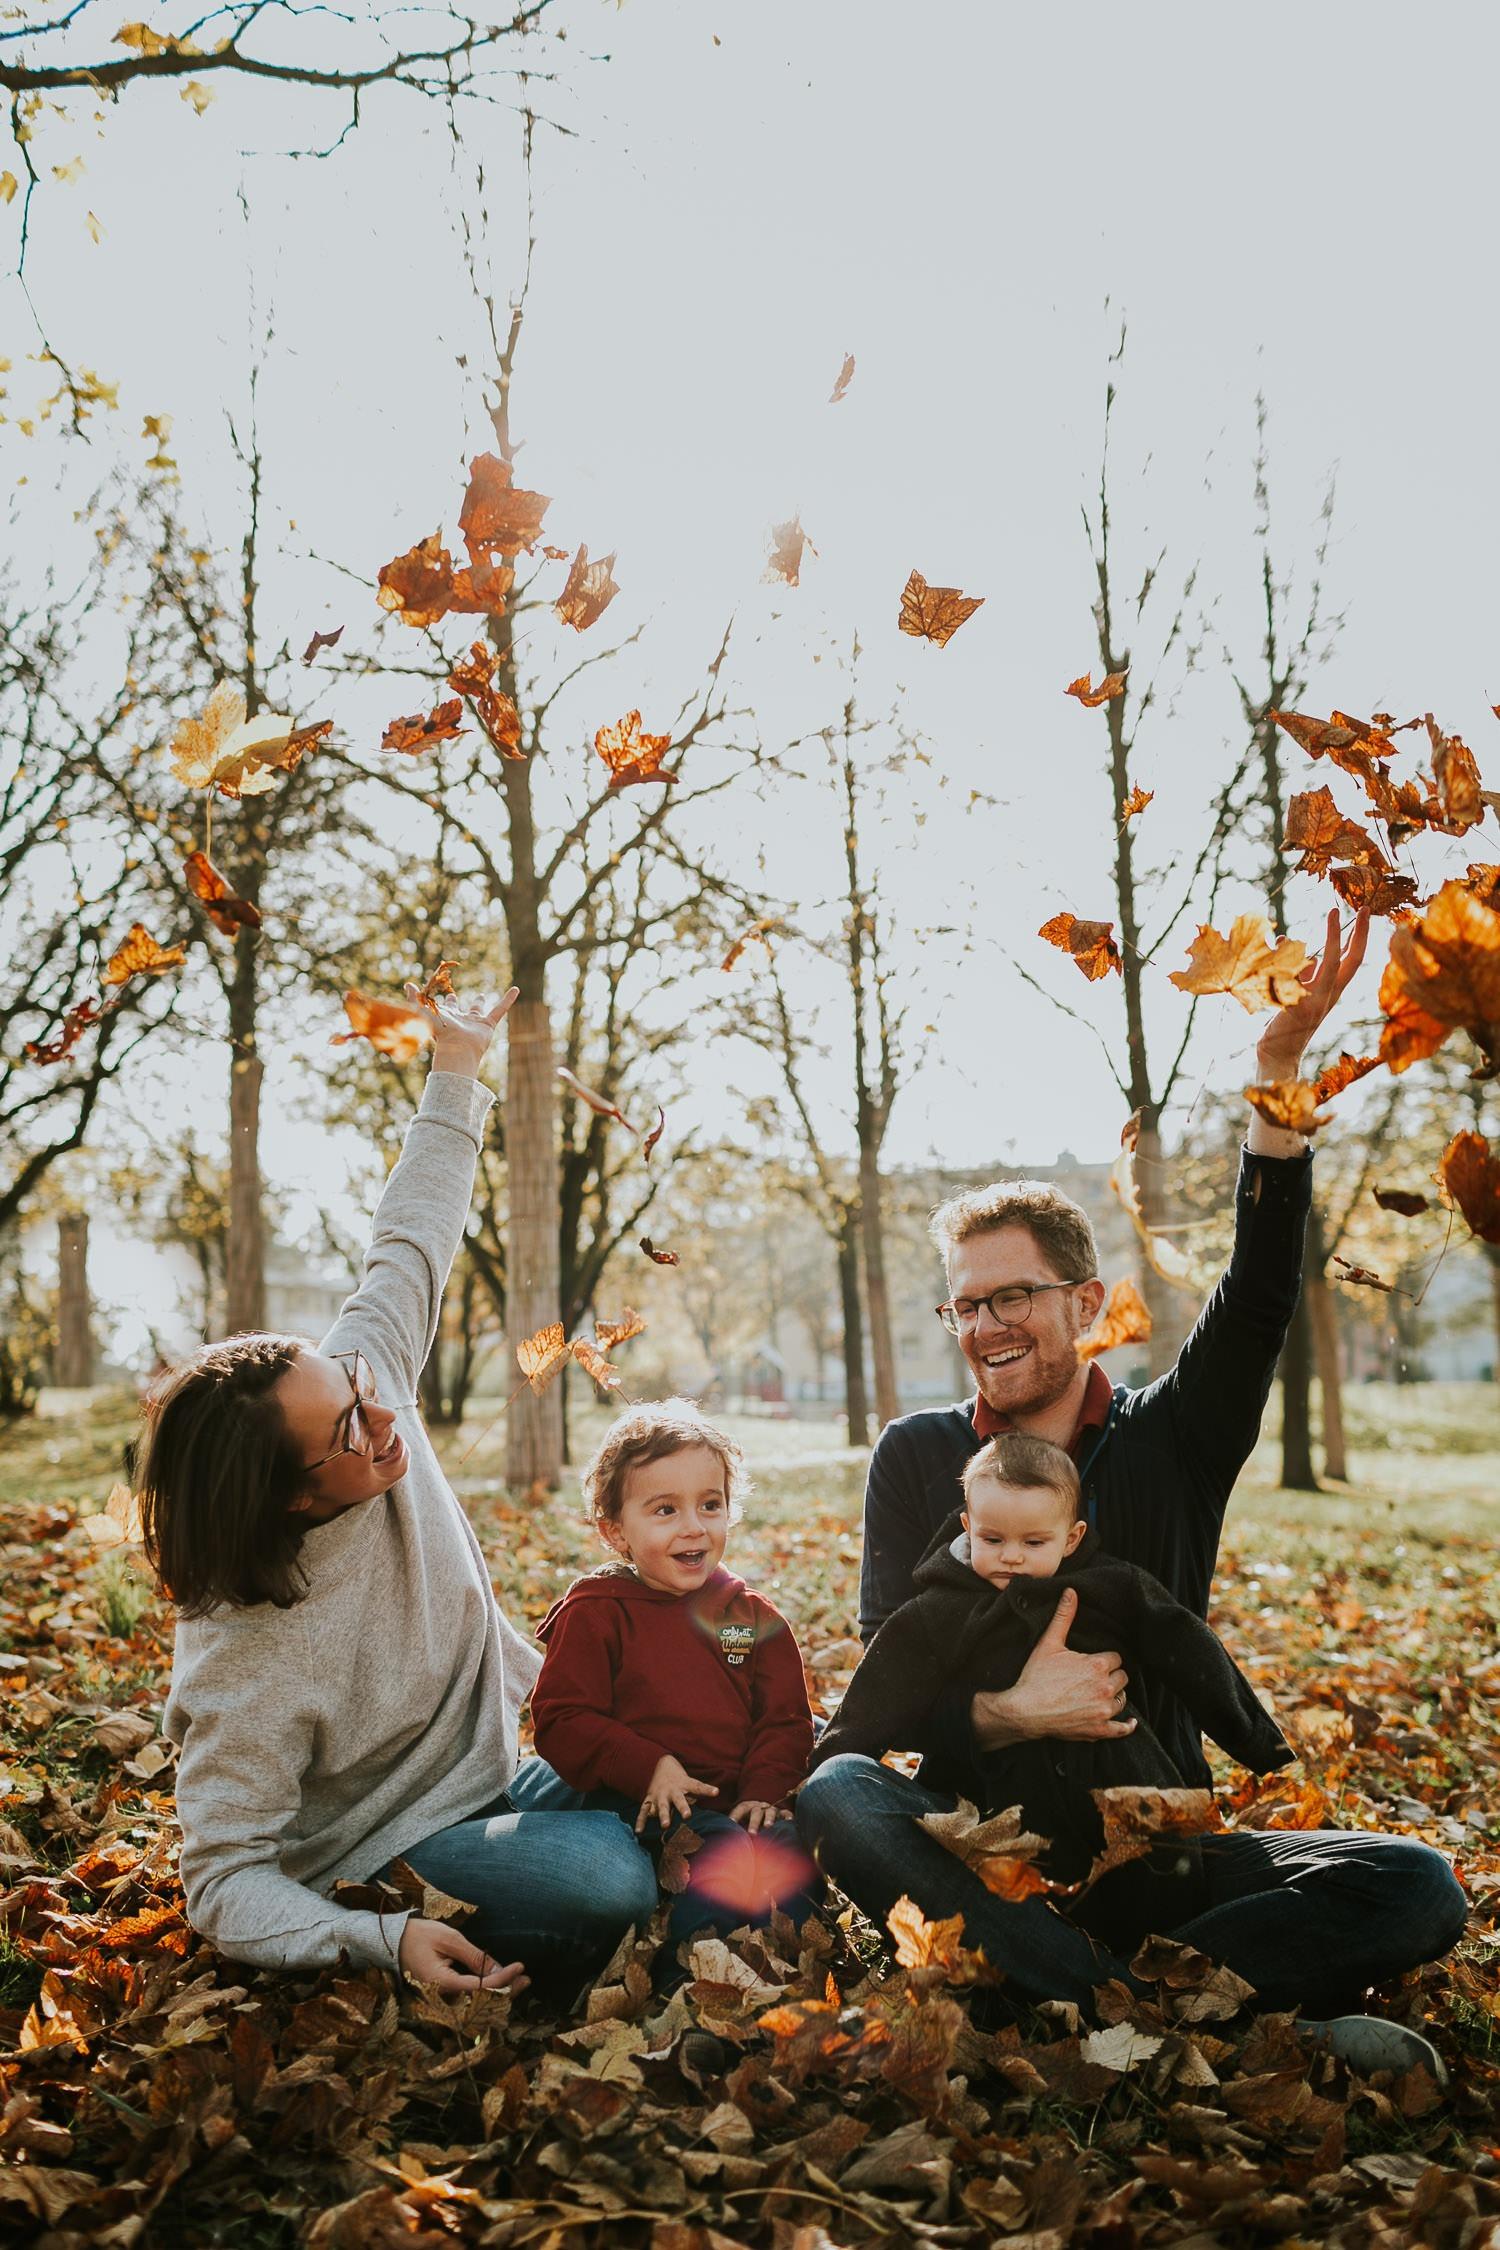 Familienfotografie_Familienreportage_0019